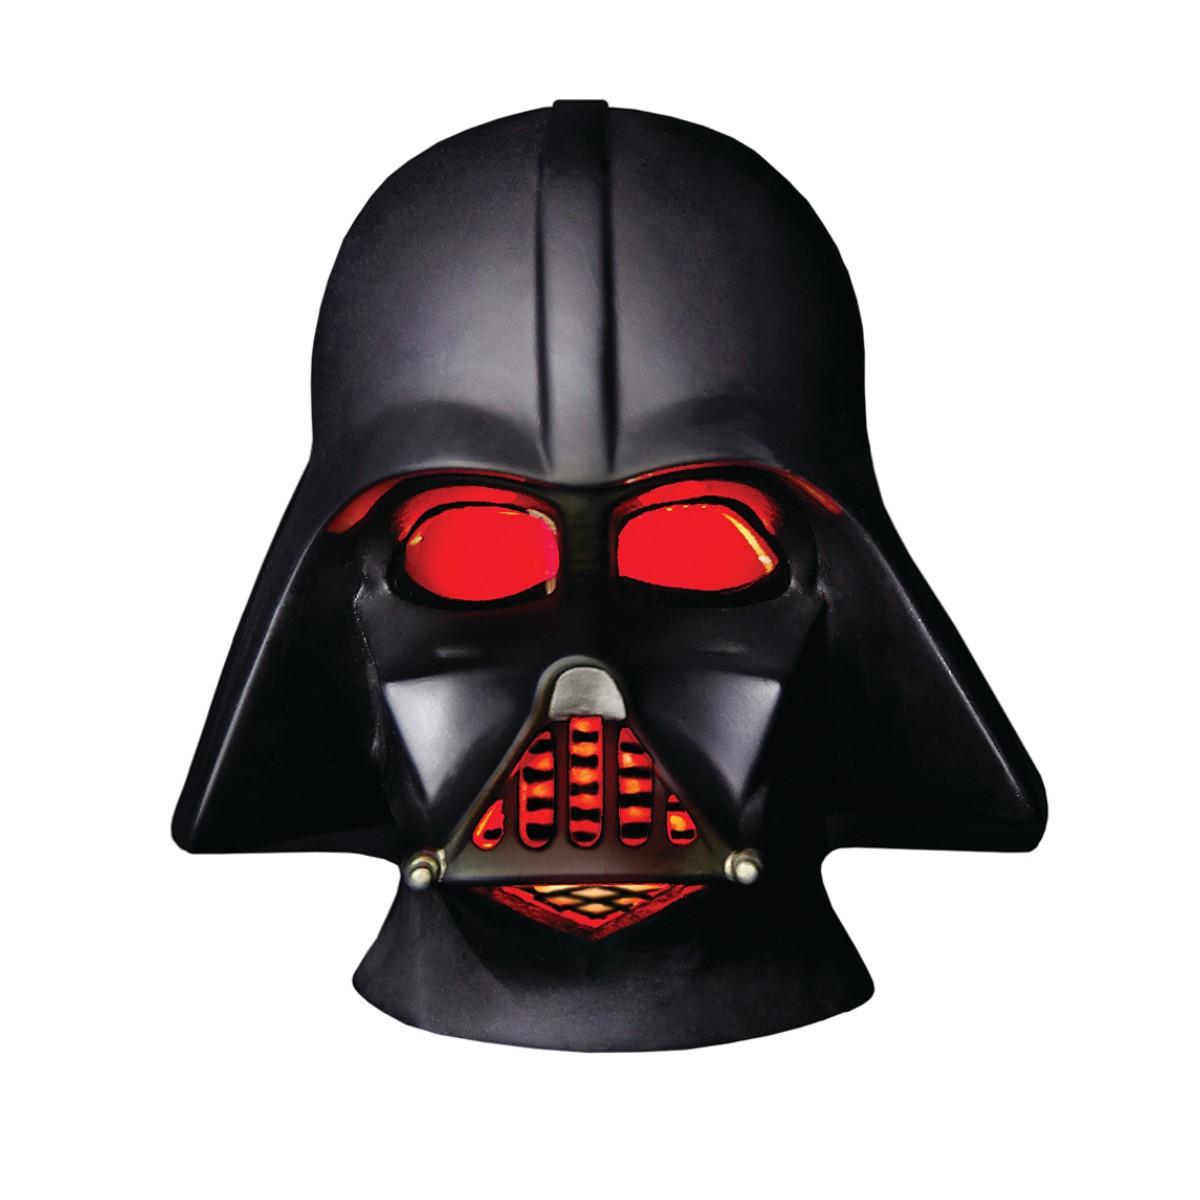 Stimmungslichter Star Wars